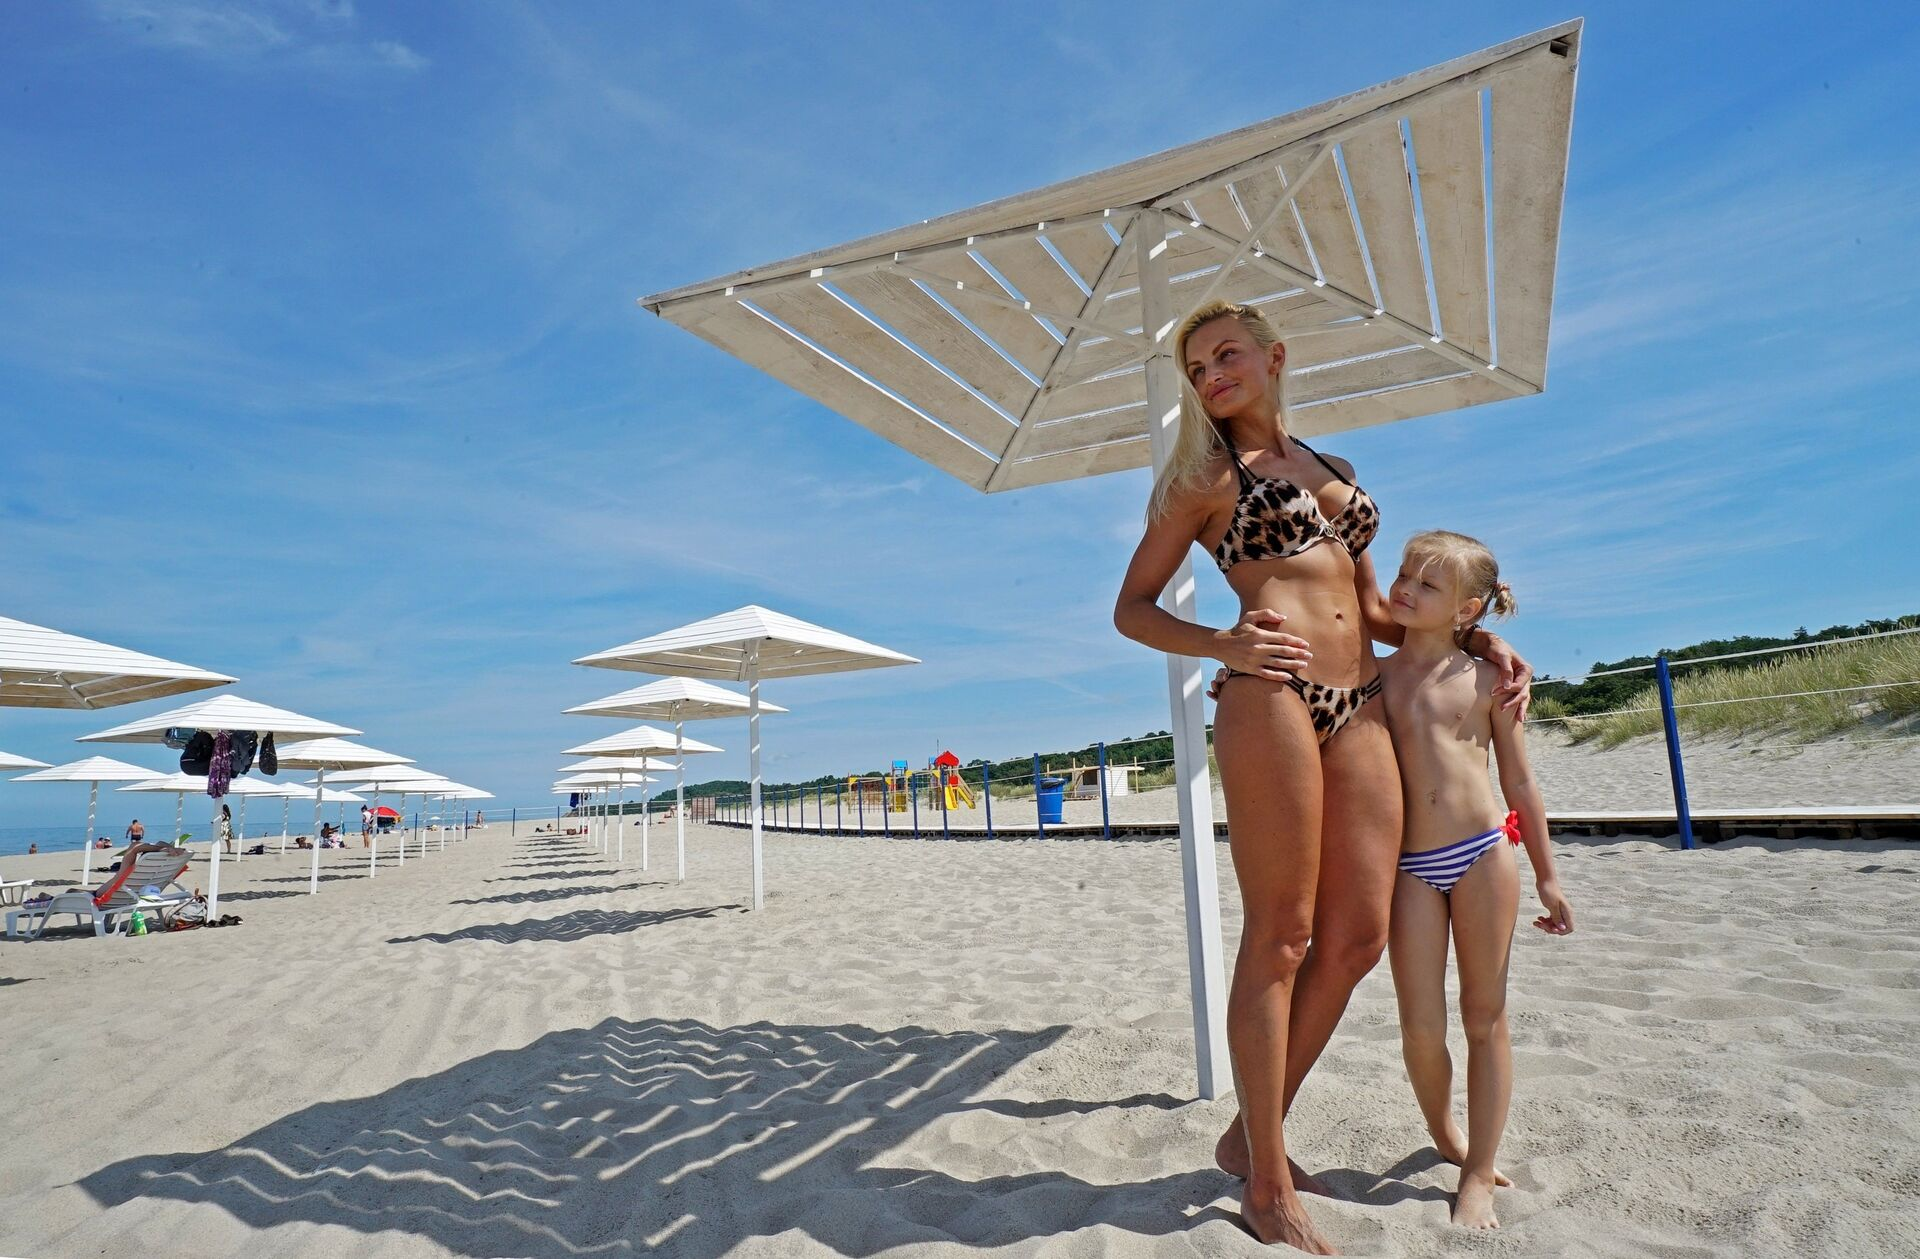 Мама с дочкой на пляже поселка Янтарный в Калининградской области - РИА Новости, 1920, 15.07.2021